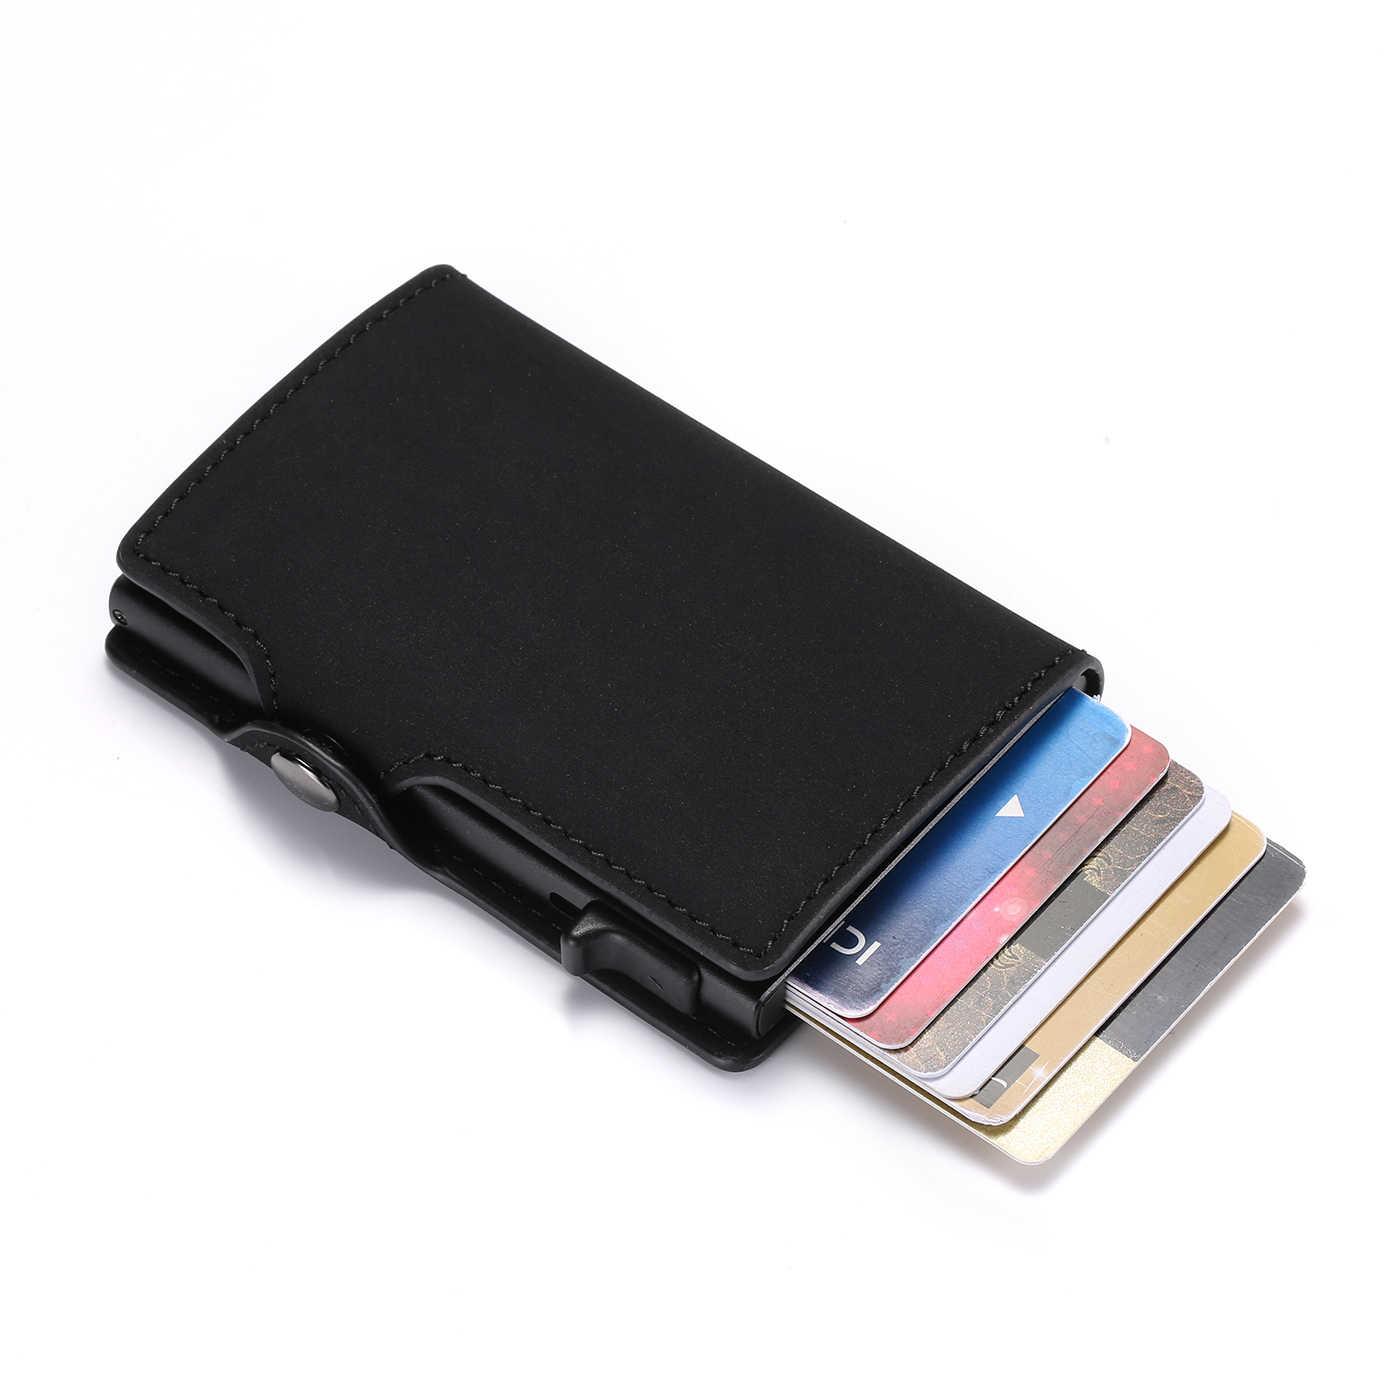 BISI GORO mode portefeuille 2020 nouveau porte-carte vintage RFID mince valise affaires luxe carte étui antivol carte en gros